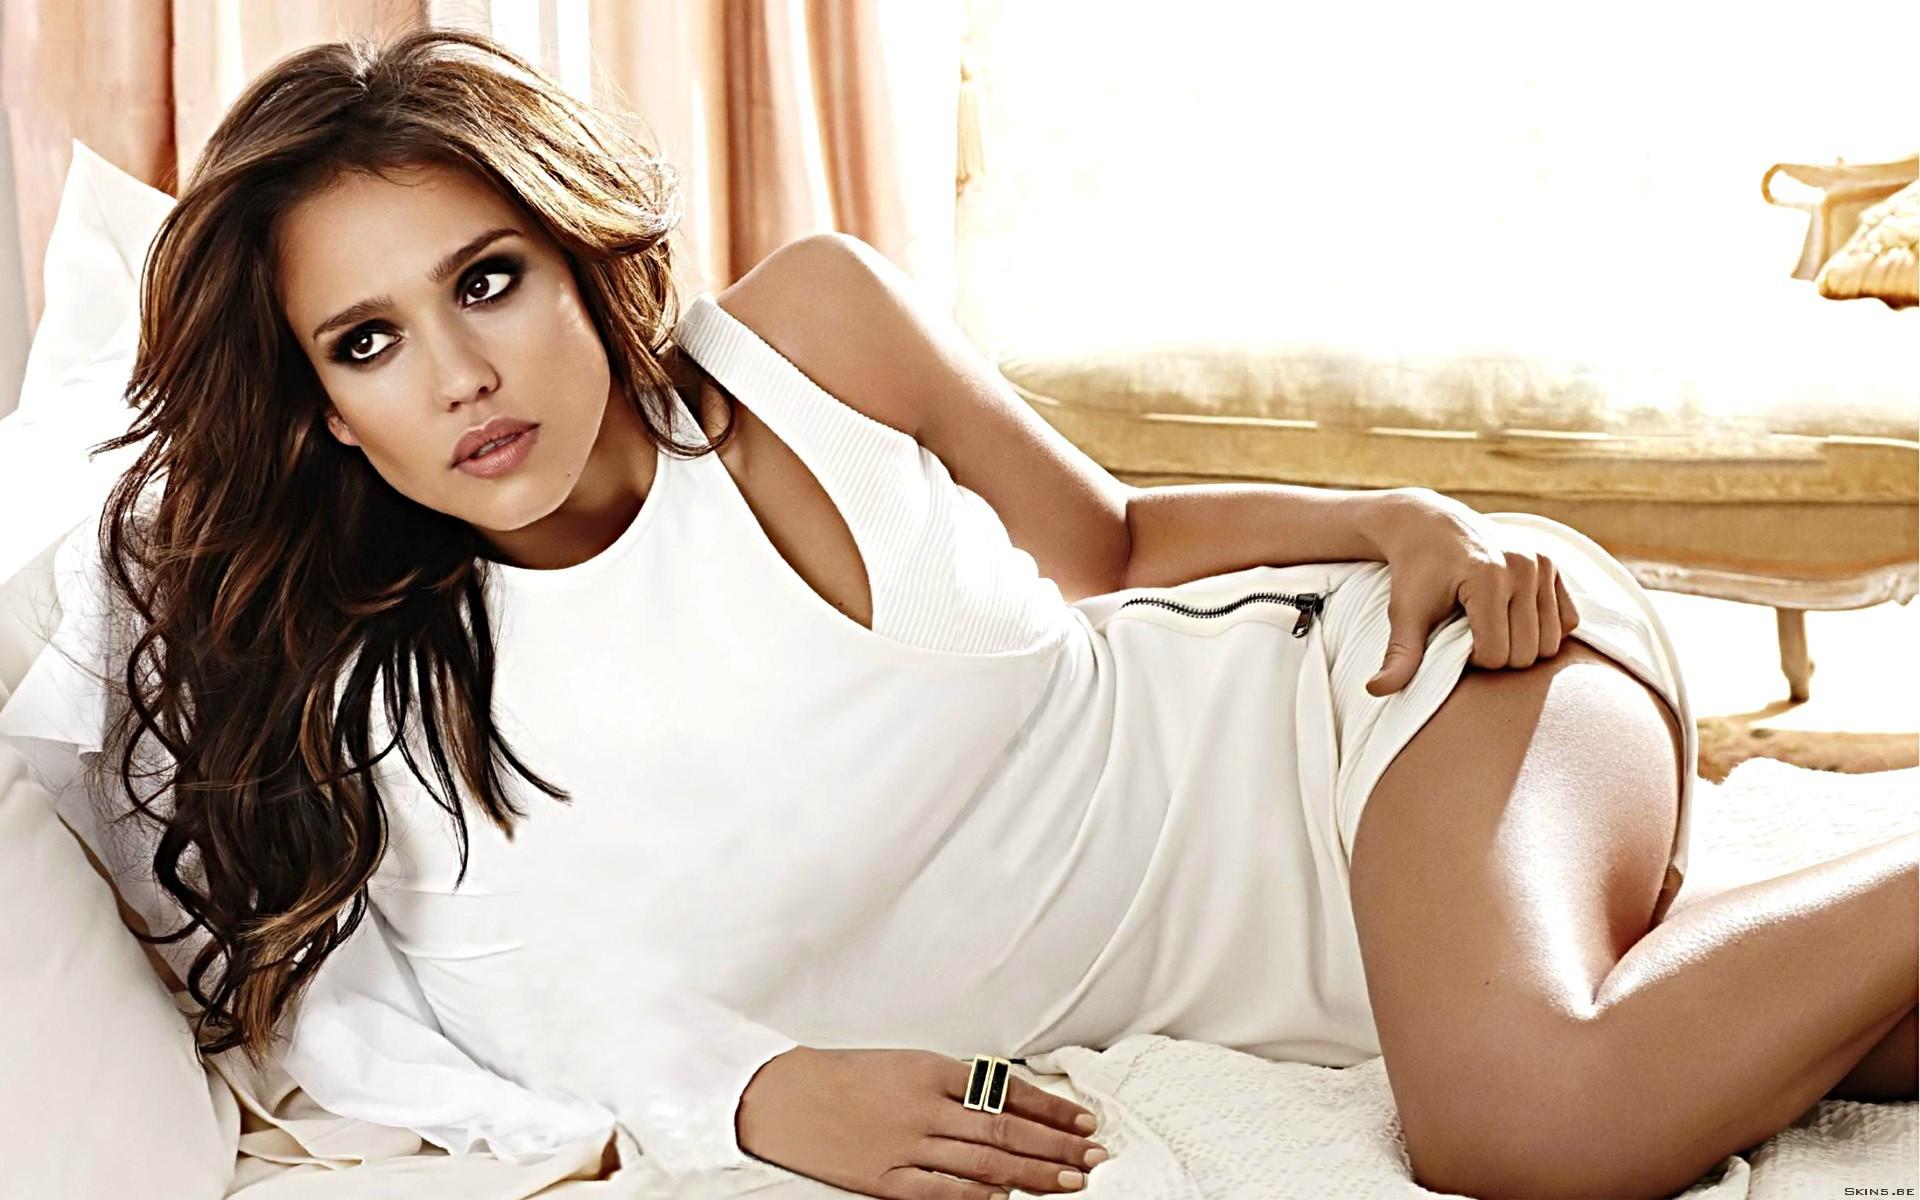 Jessica-alba-hot 6